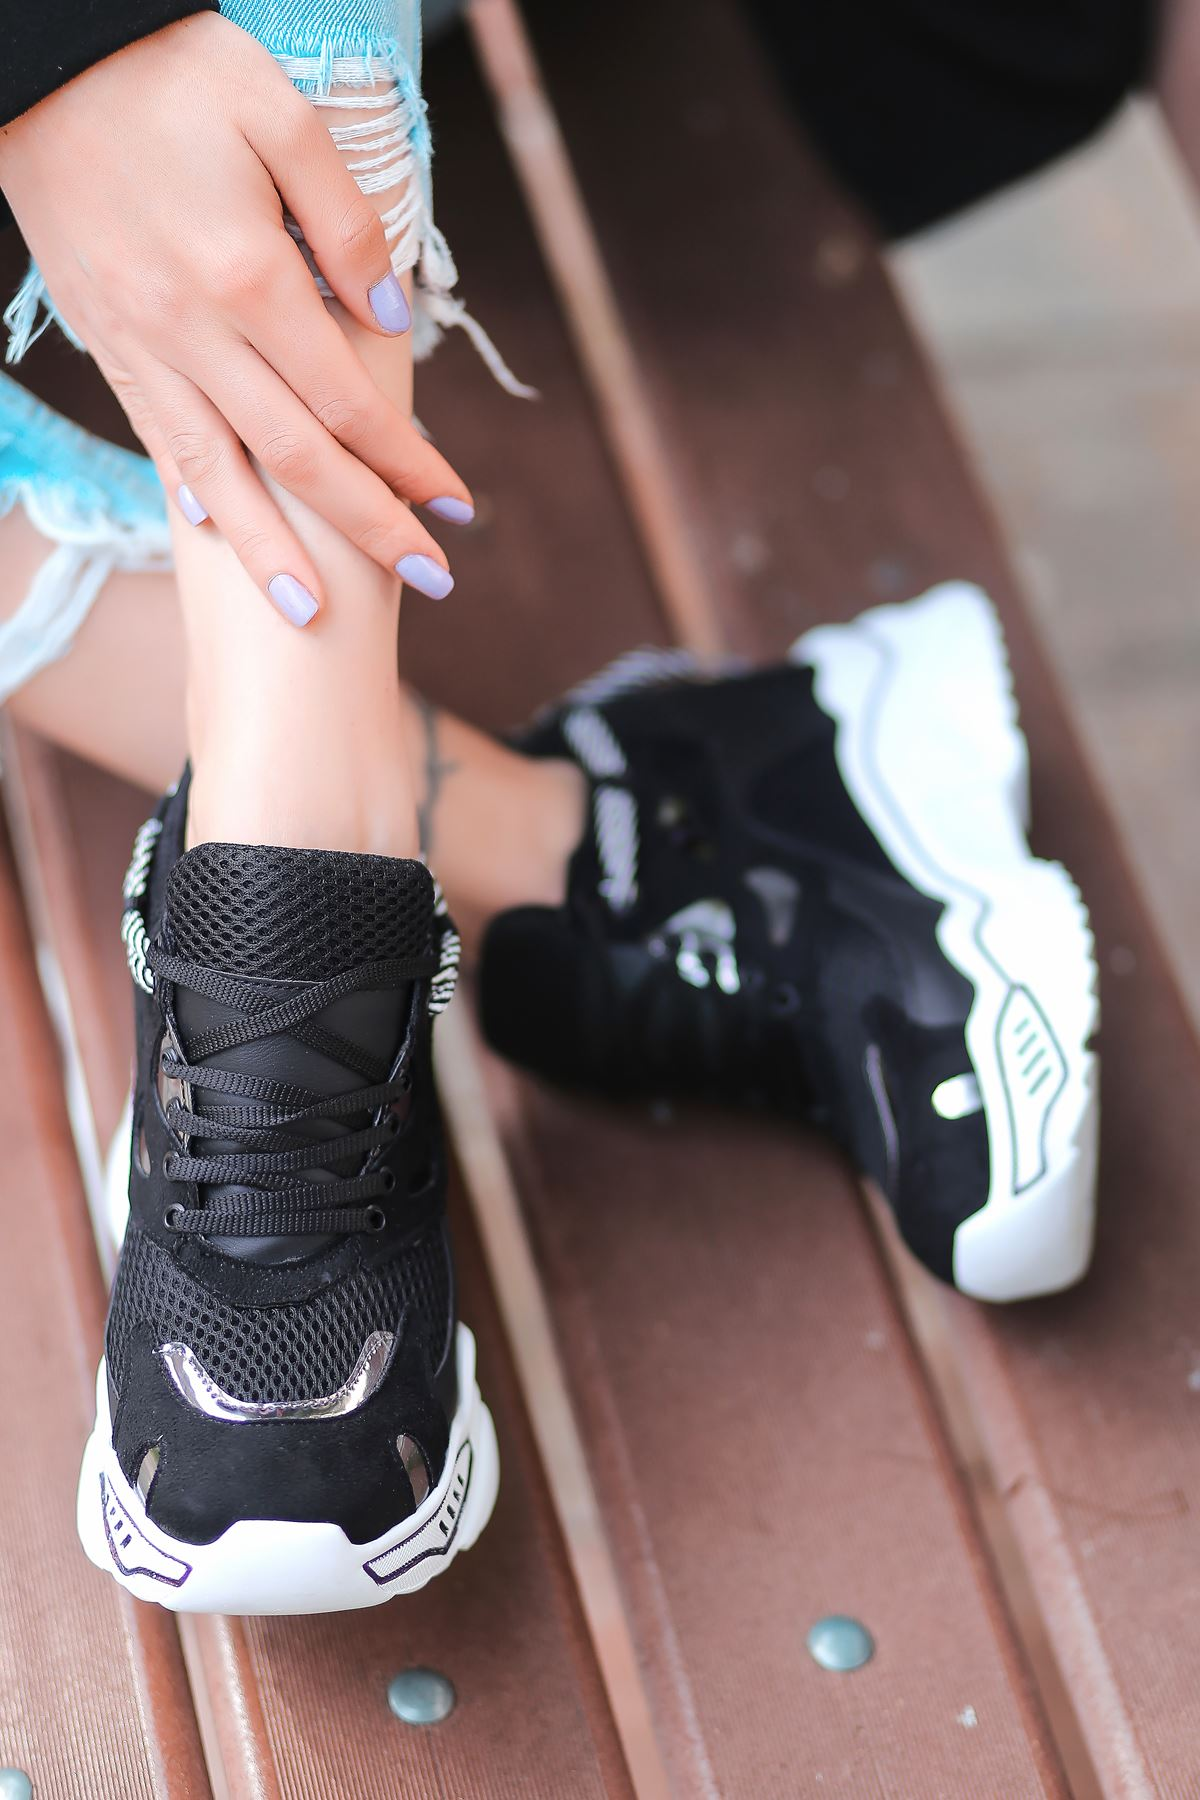 Chelsea File Detaylı Hologramlı Yüksek Topuklu Siyah Kadın Spor Ayakkabı